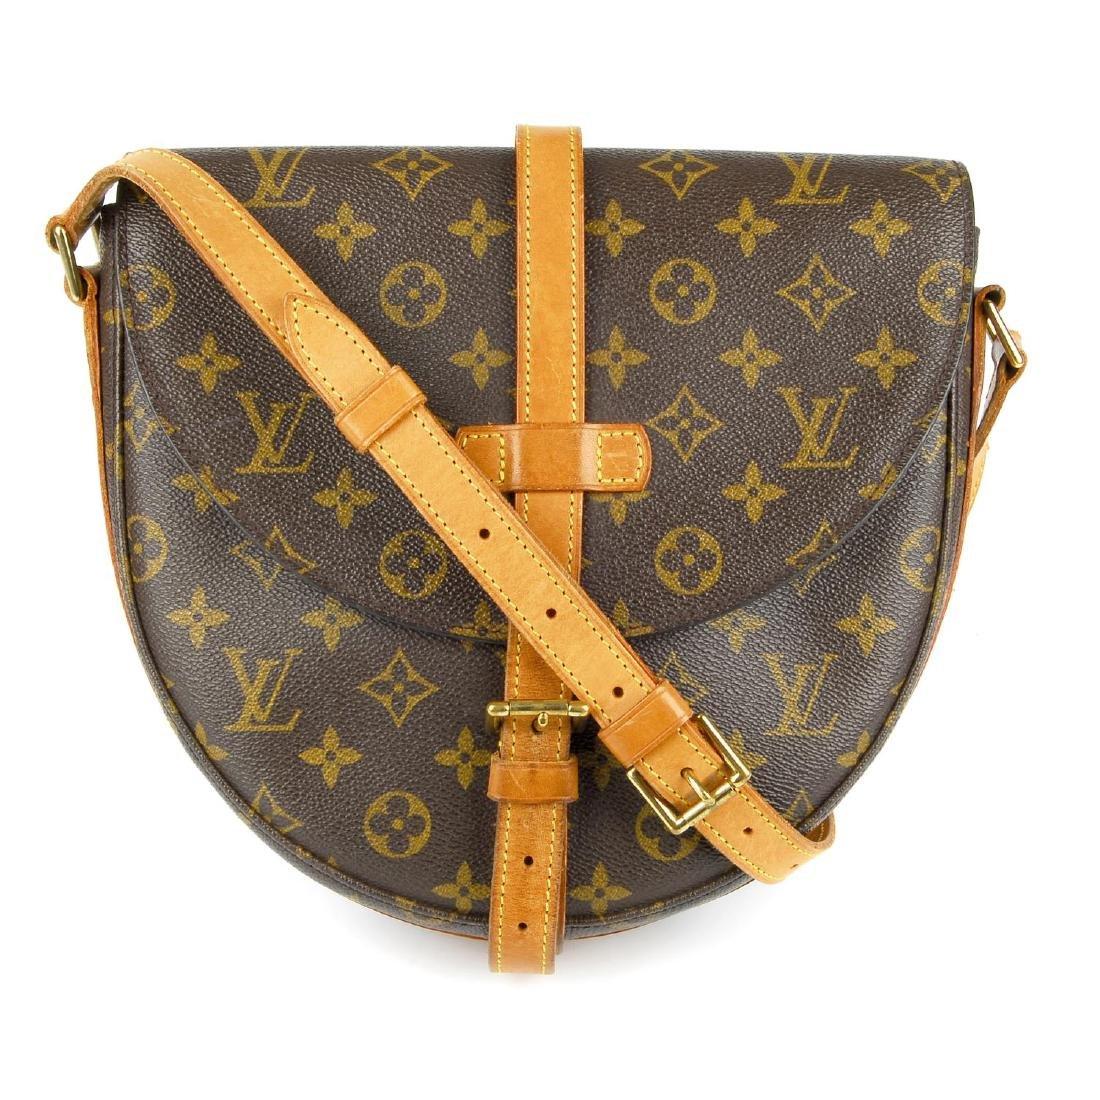 LOUIS VUITTON - a Monogram Chantilly crossbody handbag.